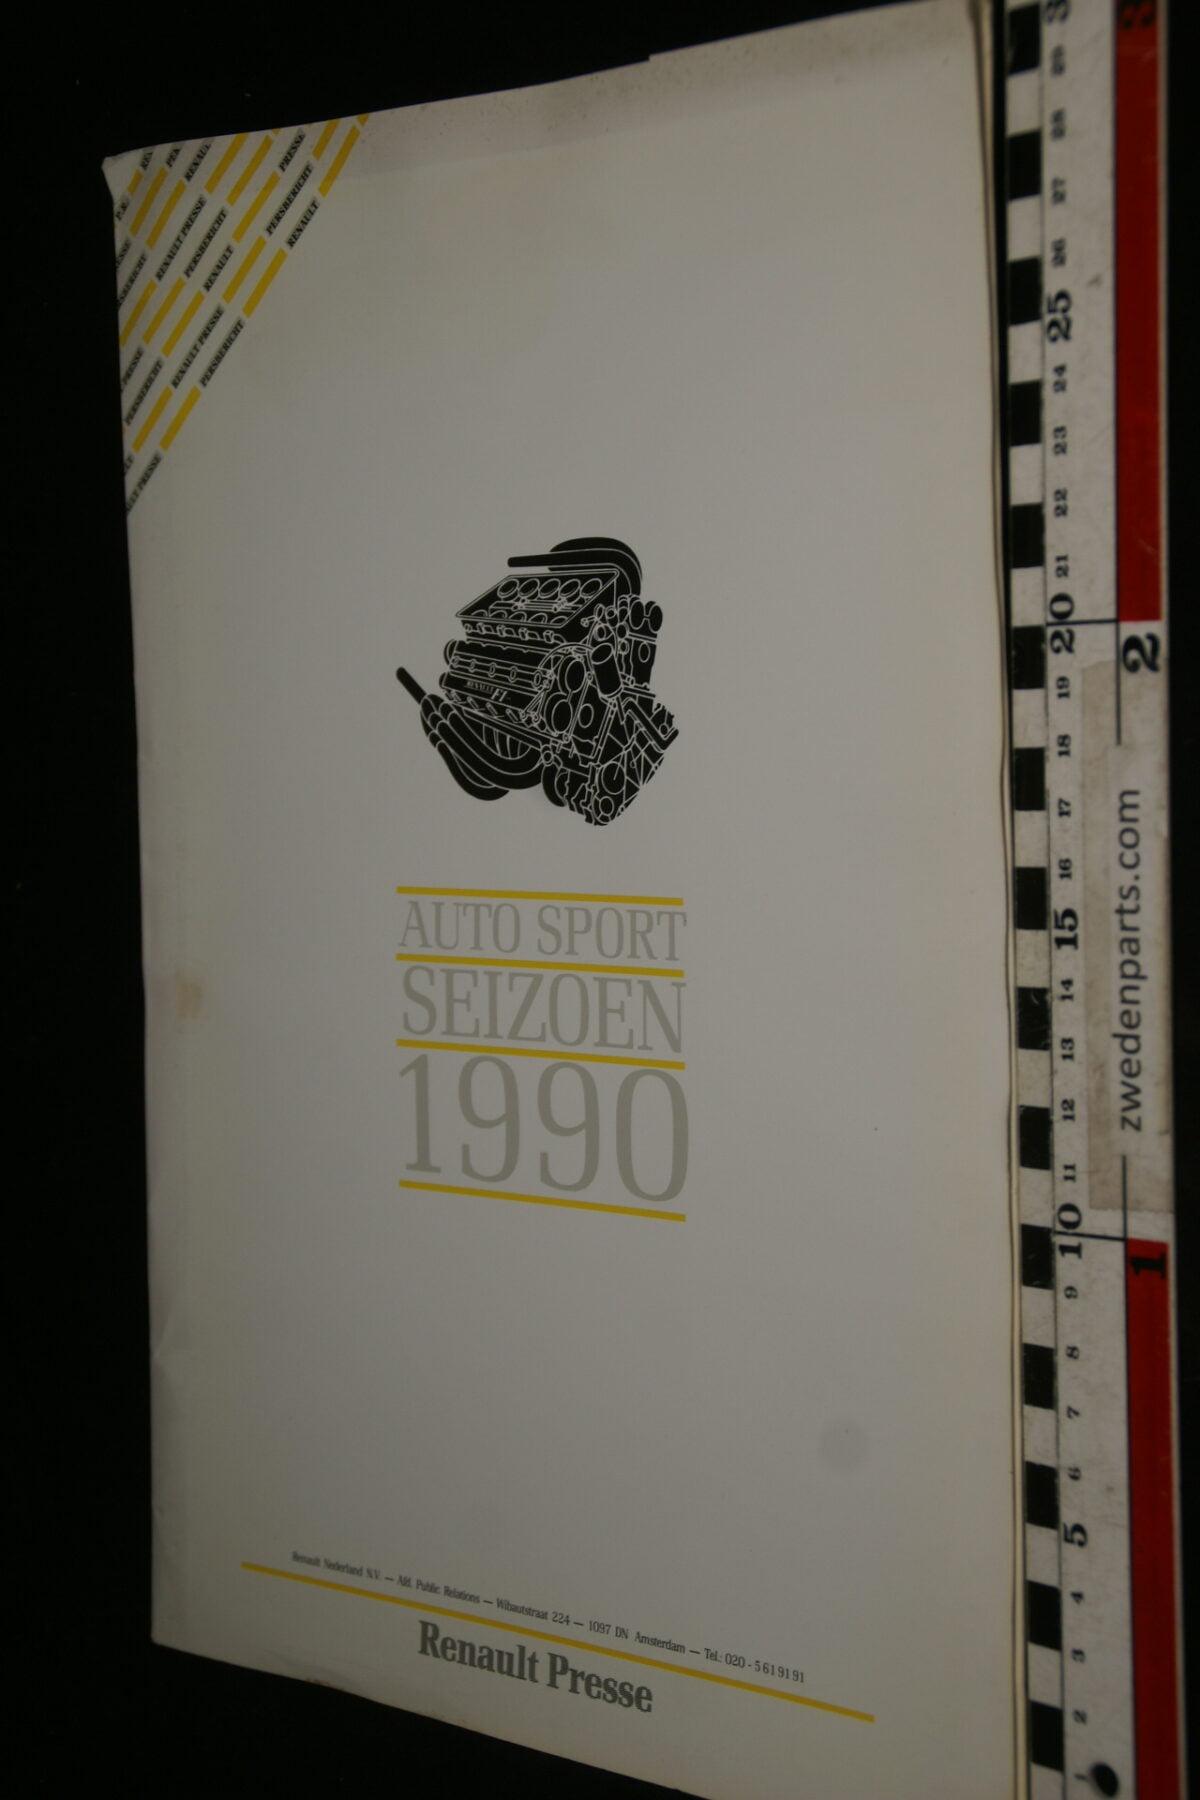 DSC00001 1990 originele persmap Renault Autosportseizoen-64072938